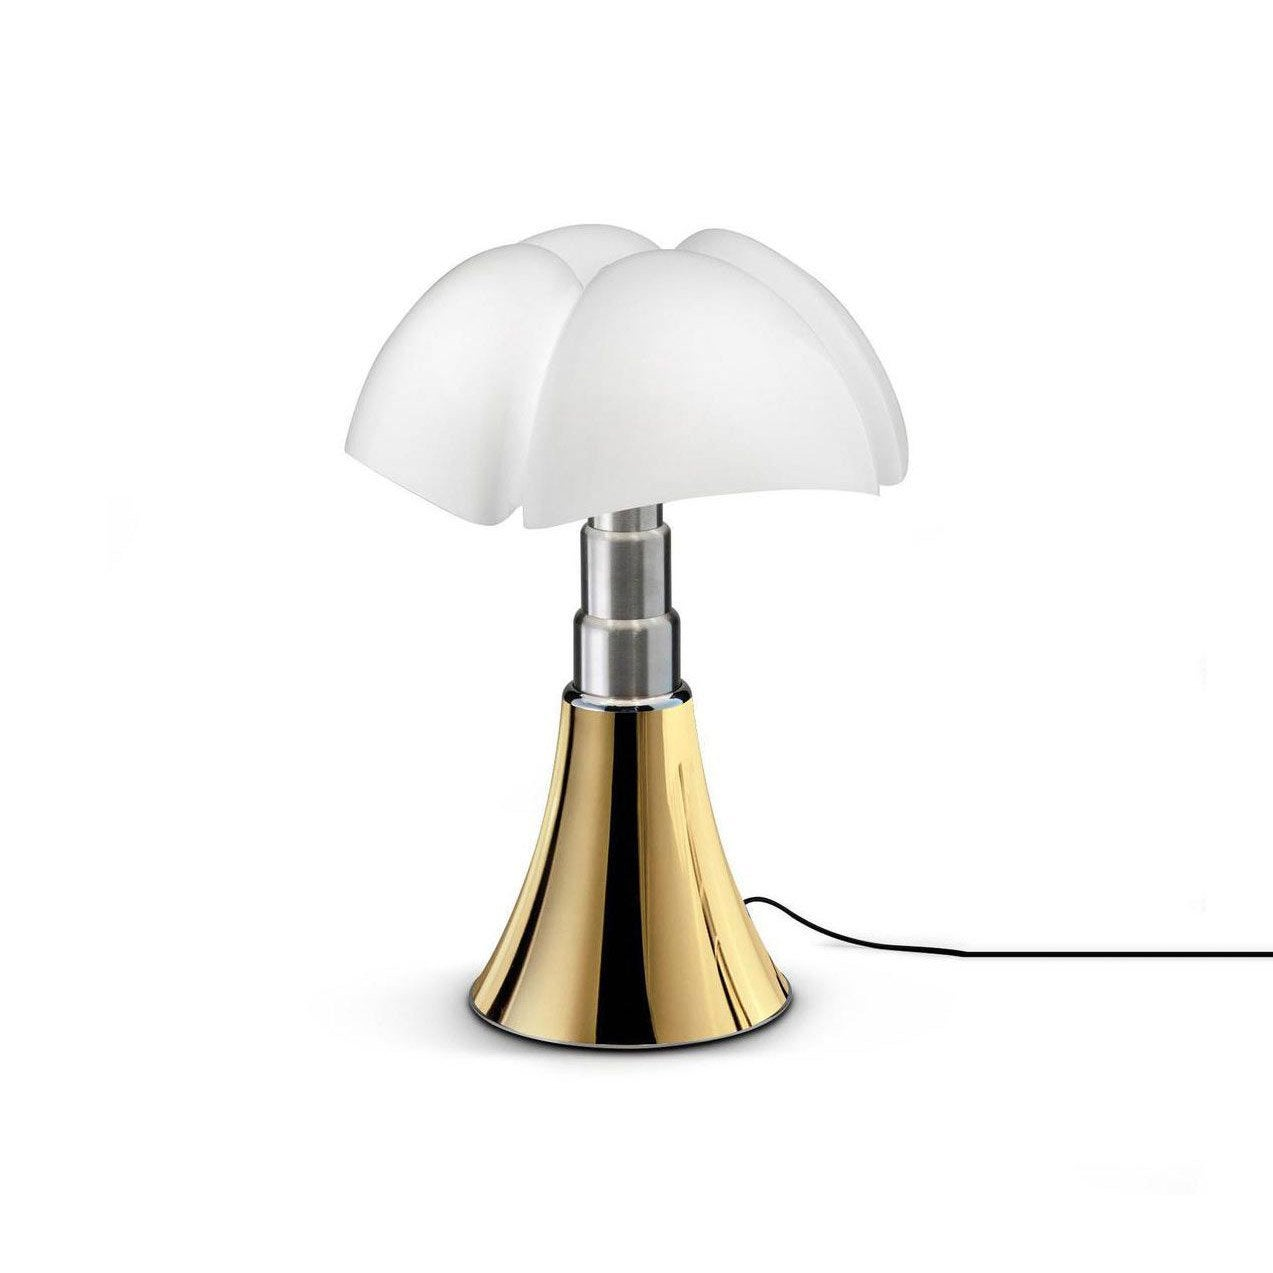 Lampe tactile, design, métal, MARTINELLI LUCE Mini pipistrello touch dore